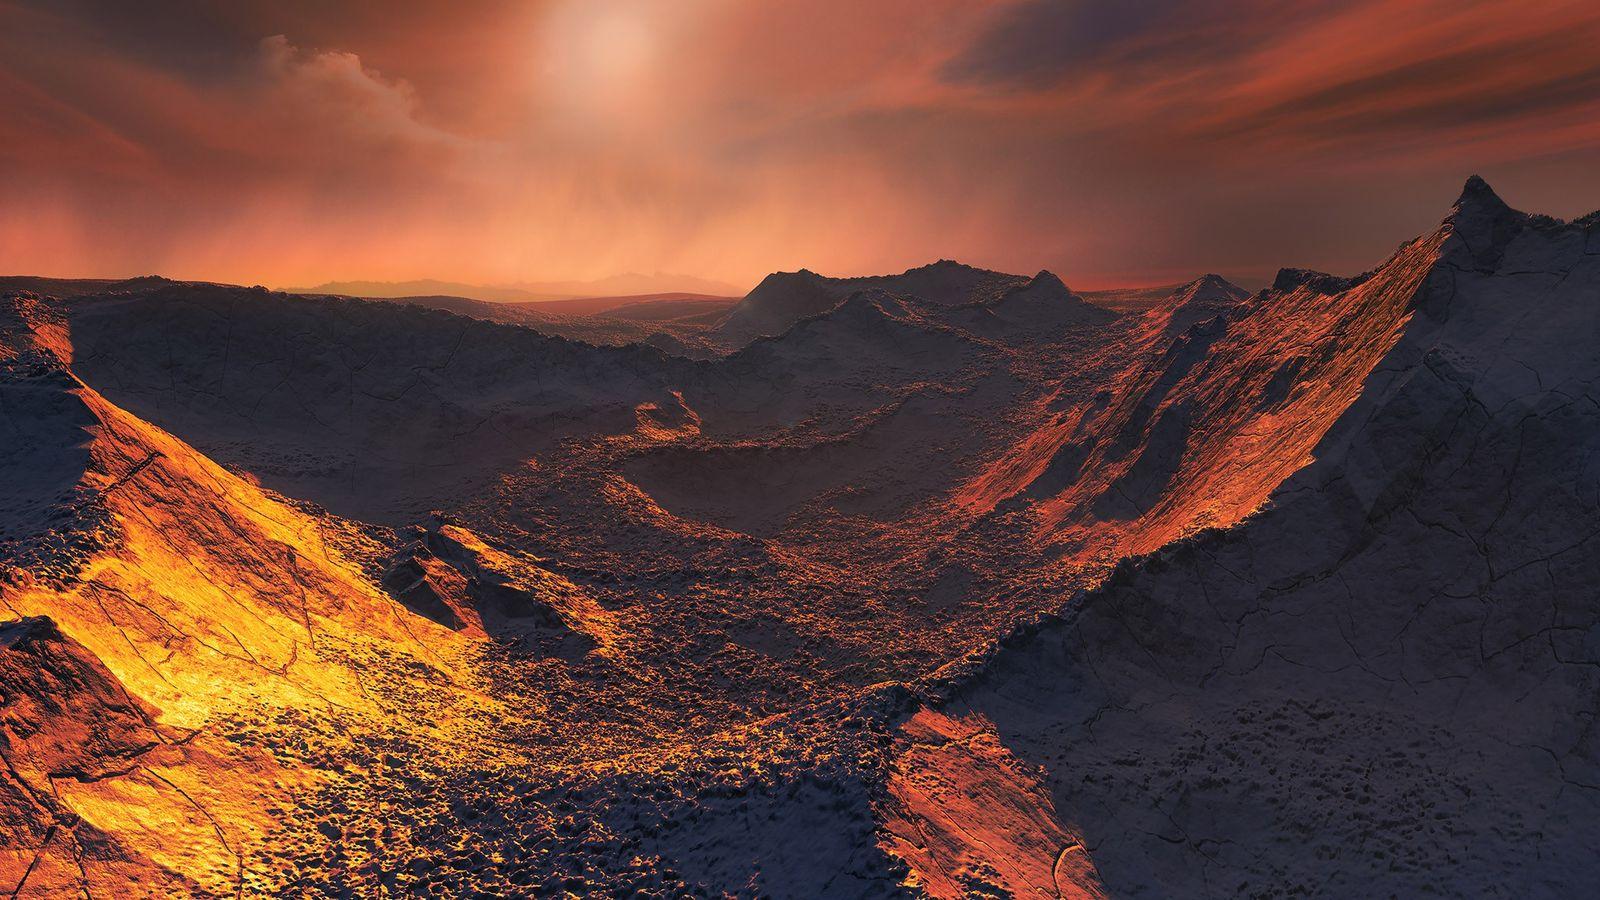 Uma fraca estrela vermelha se eleva sobre a paisagem nesta ilustração do planeta recém-descoberto.